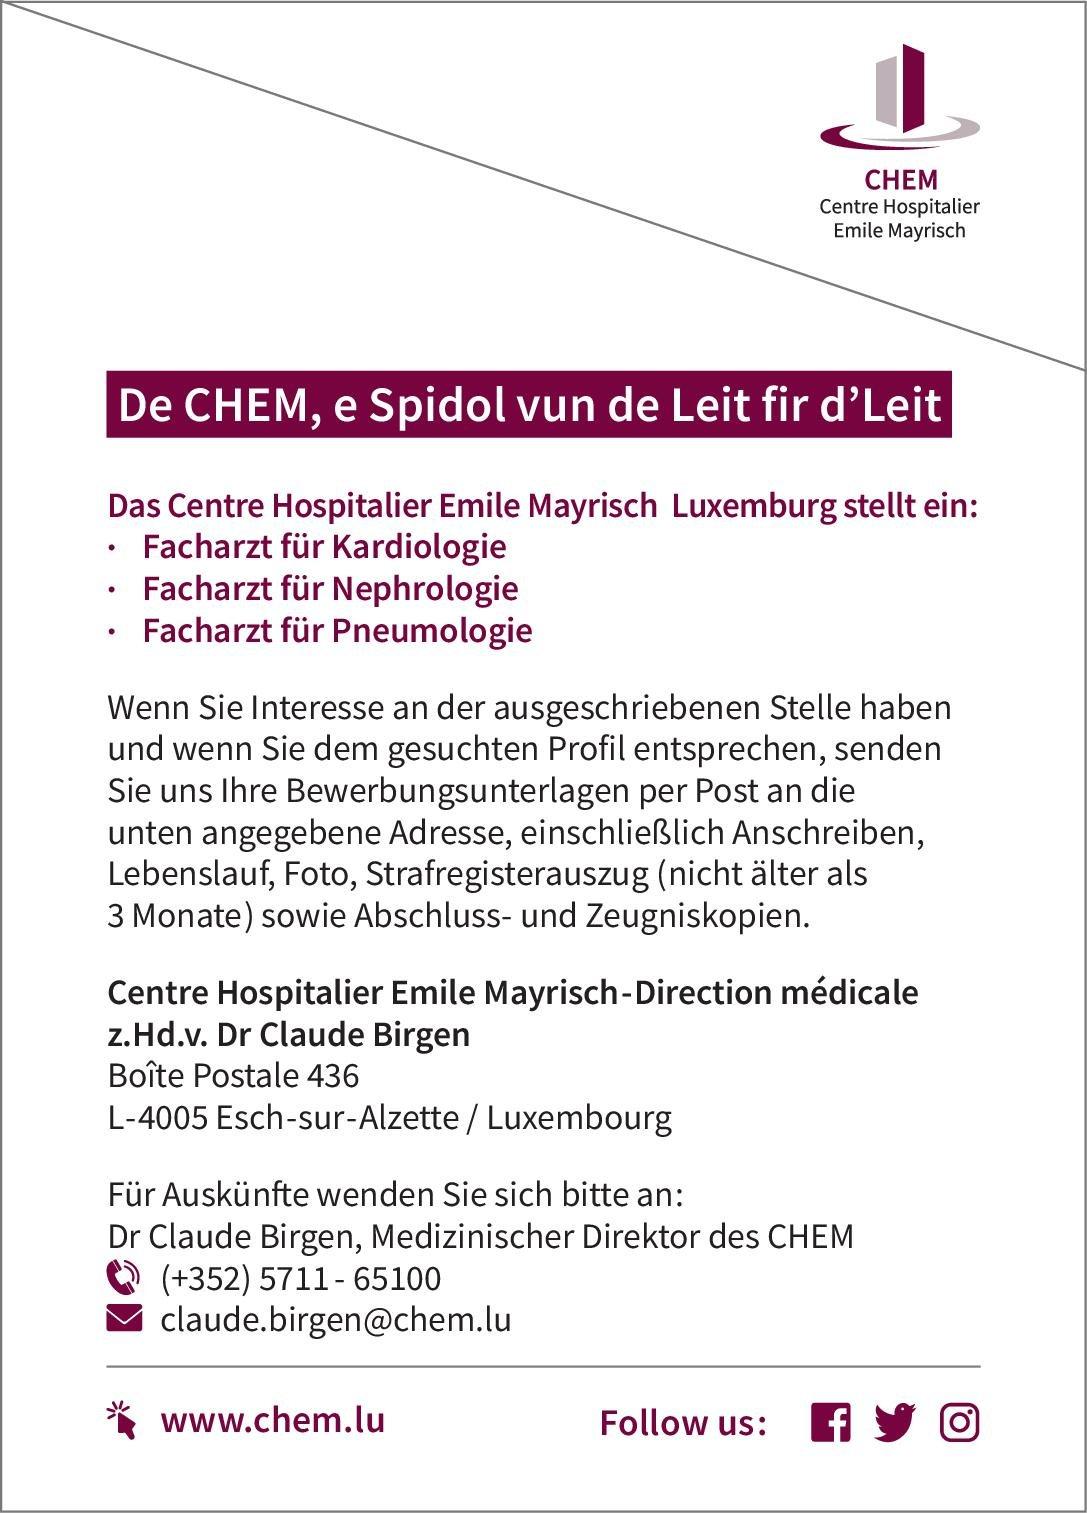 Centre Hospitalier Emile Mayrisch Facharzt für Kardiologie  Innere Medizin und Kardiologie, Innere Medizin Arzt / Facharzt